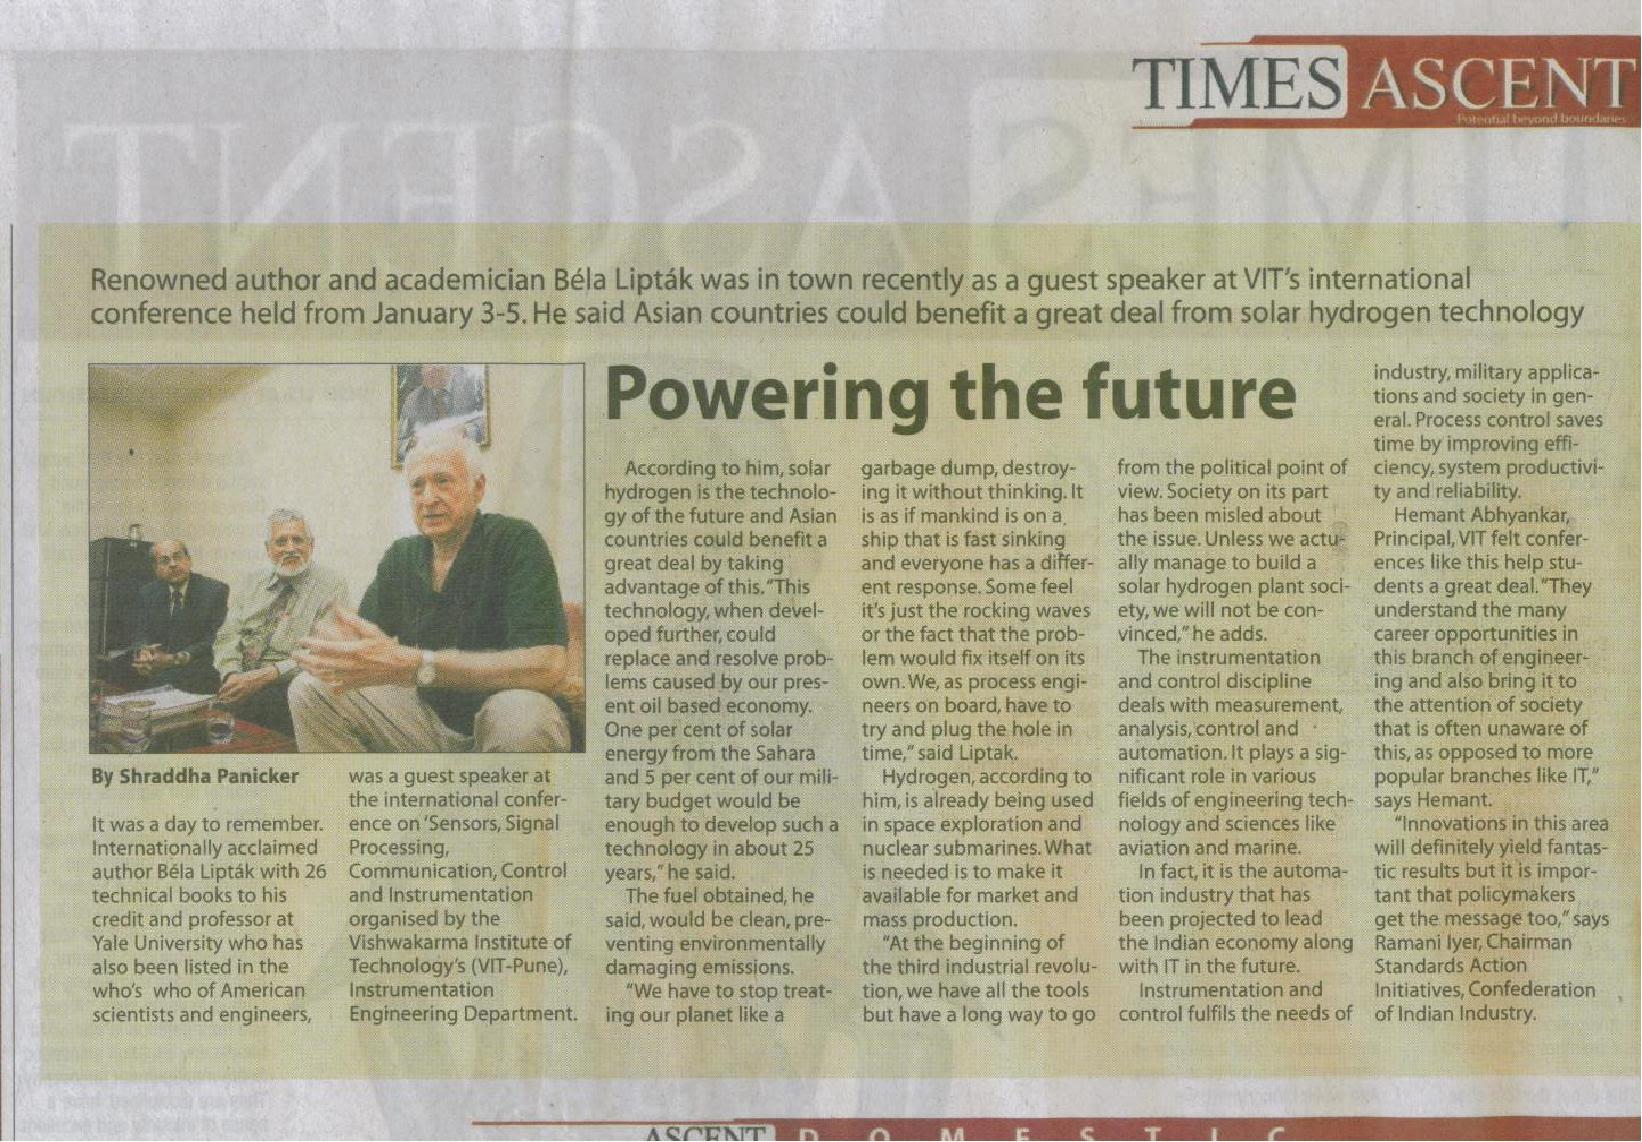 Cikk az India Times fedőlapján